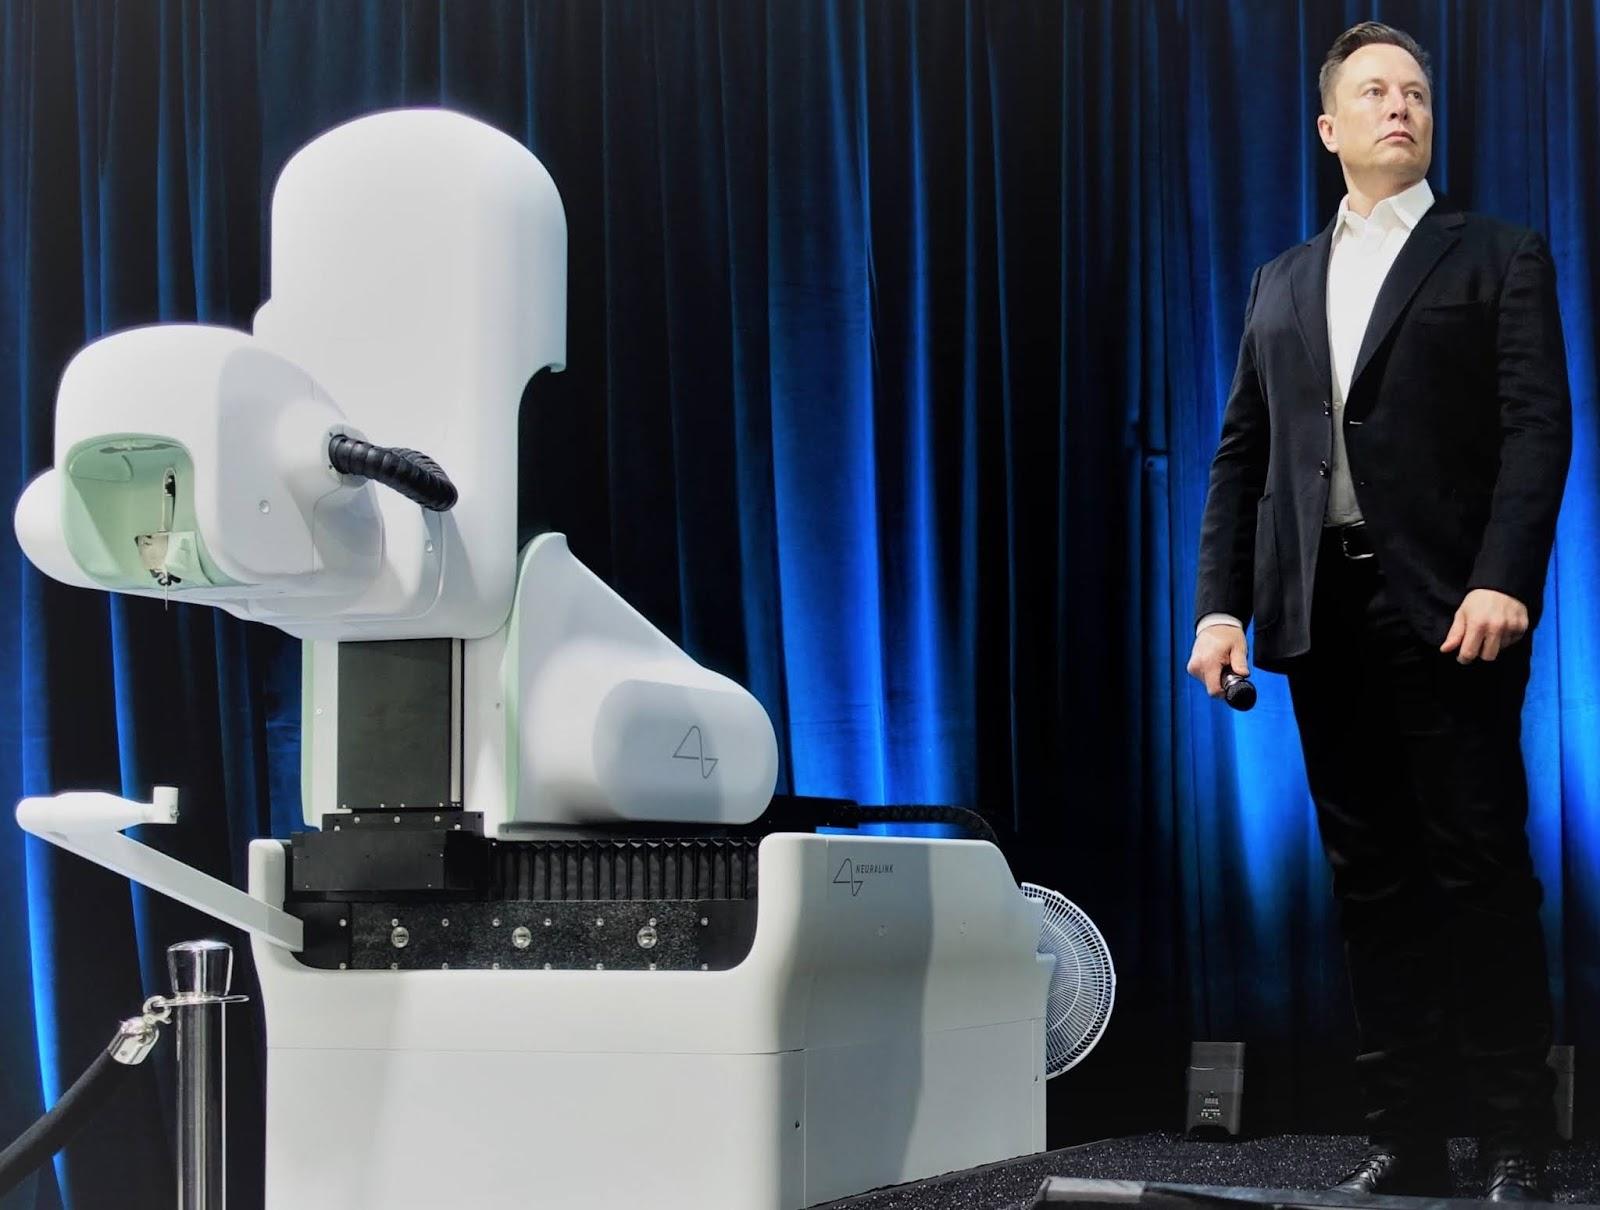 Elon_Musk_and_the_Neuralink_Future.jpg